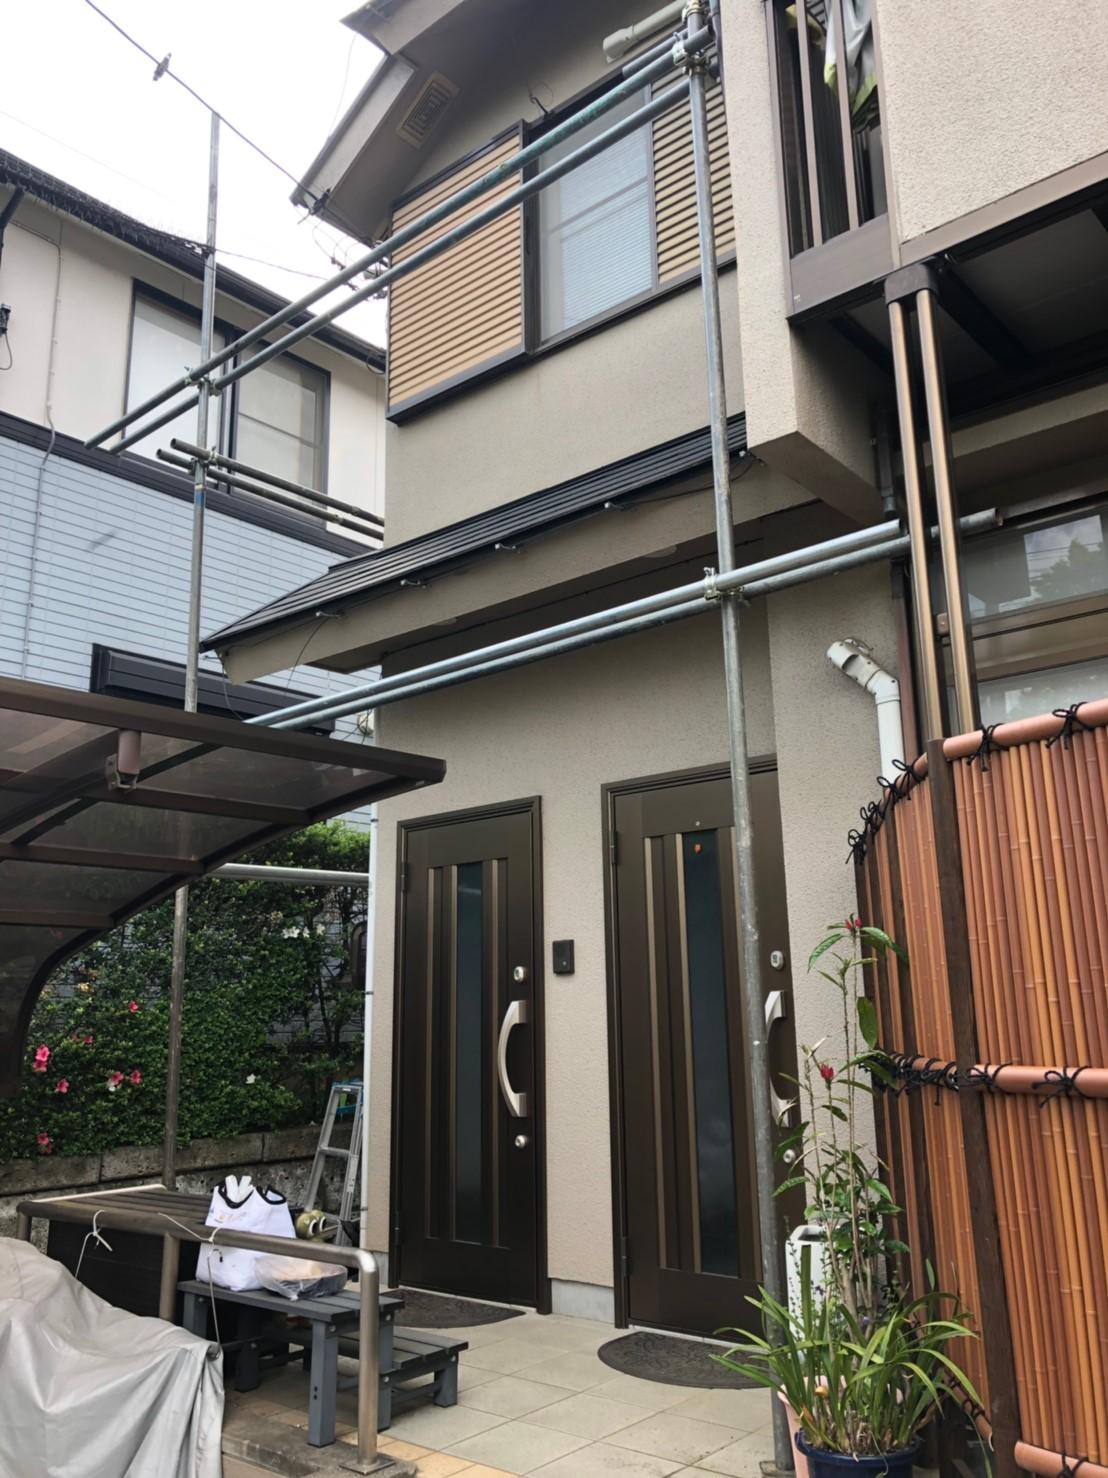 東京都町田市で雨樋を実費負担無料修理のご報告6